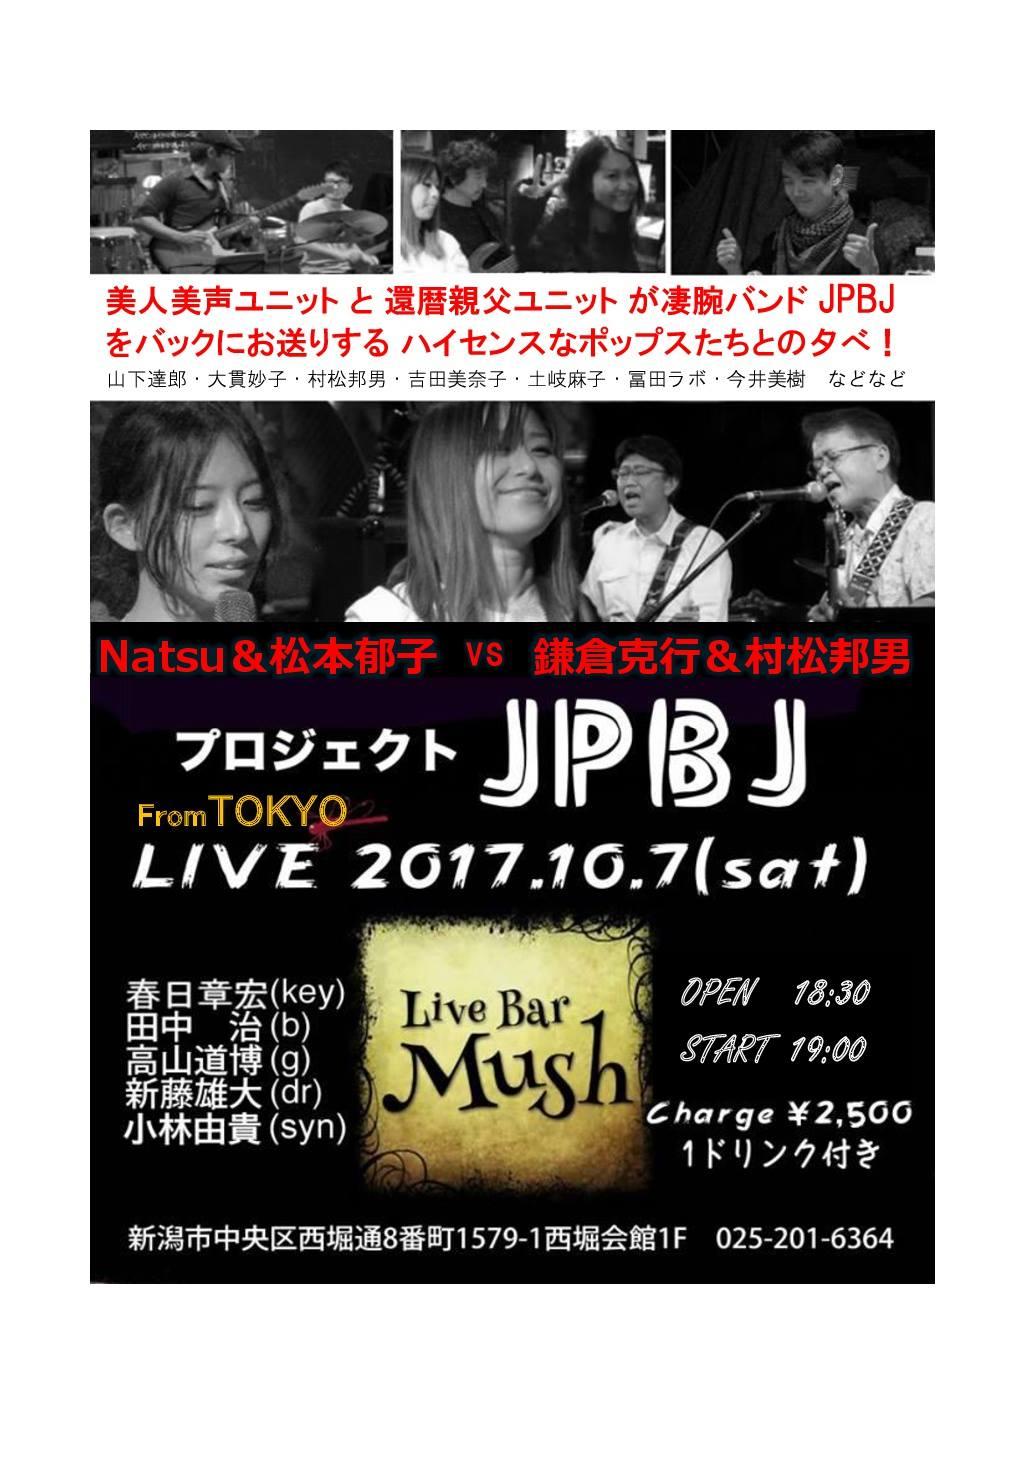 鎌倉克行&村松邦男、プロジェクトJPBJ@Live Bar Mush 20171007